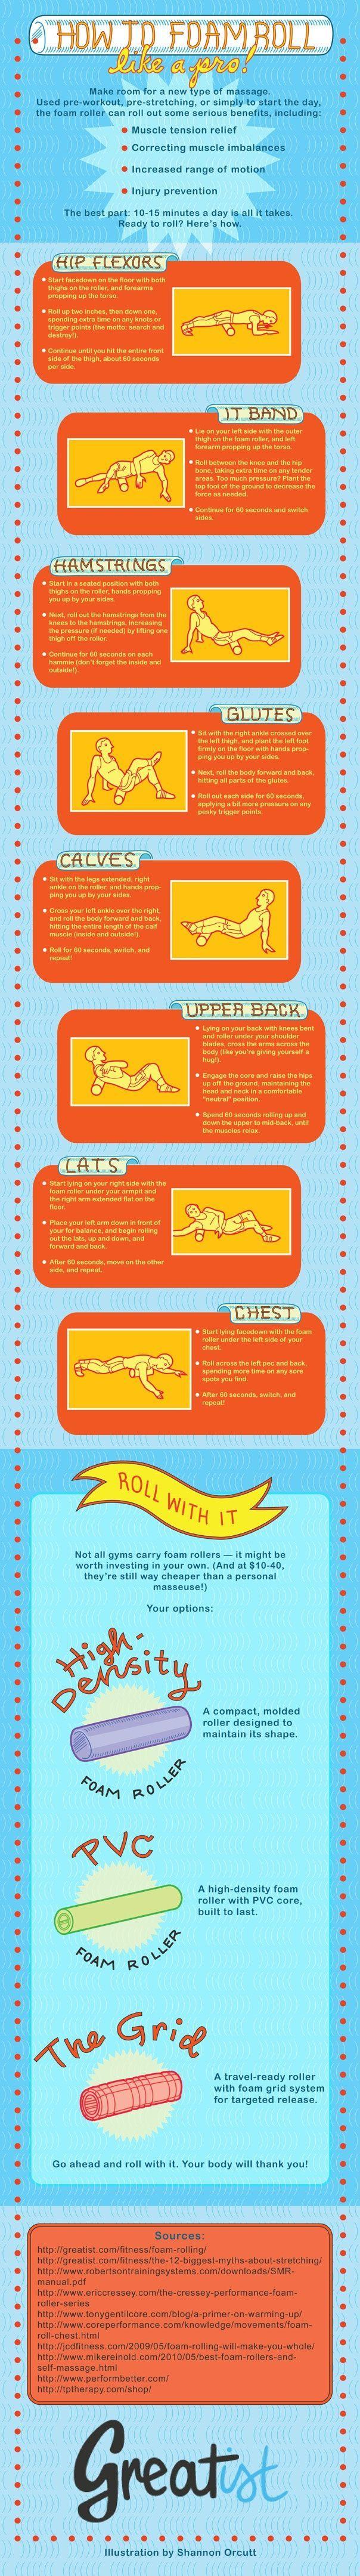 Foam Rolling: How to Foam Roll Like a Pro #foamrolling #fitness #greatist